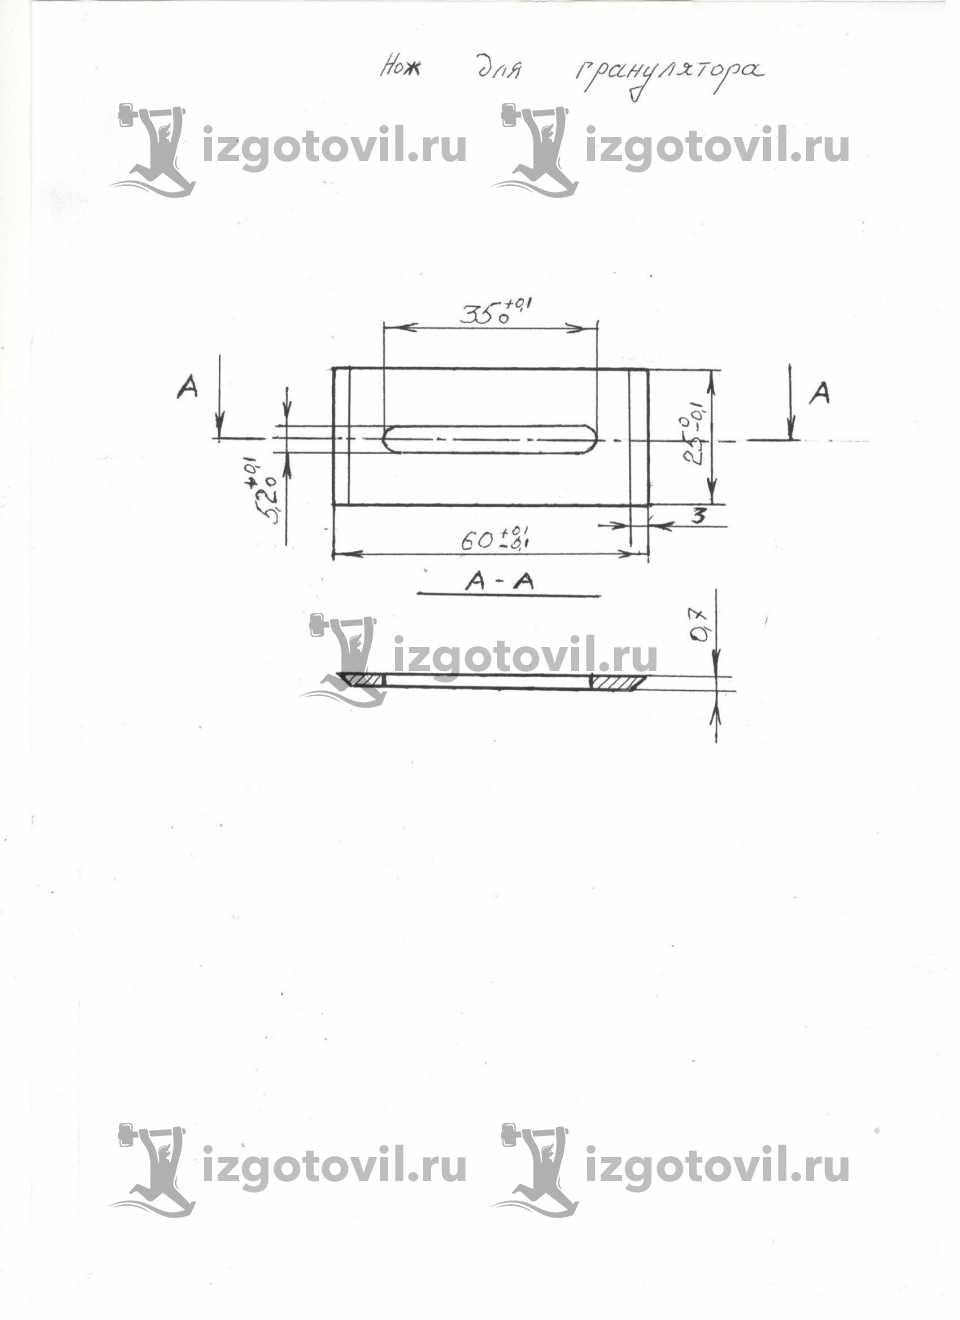 Литейное производство-изготовление ножей